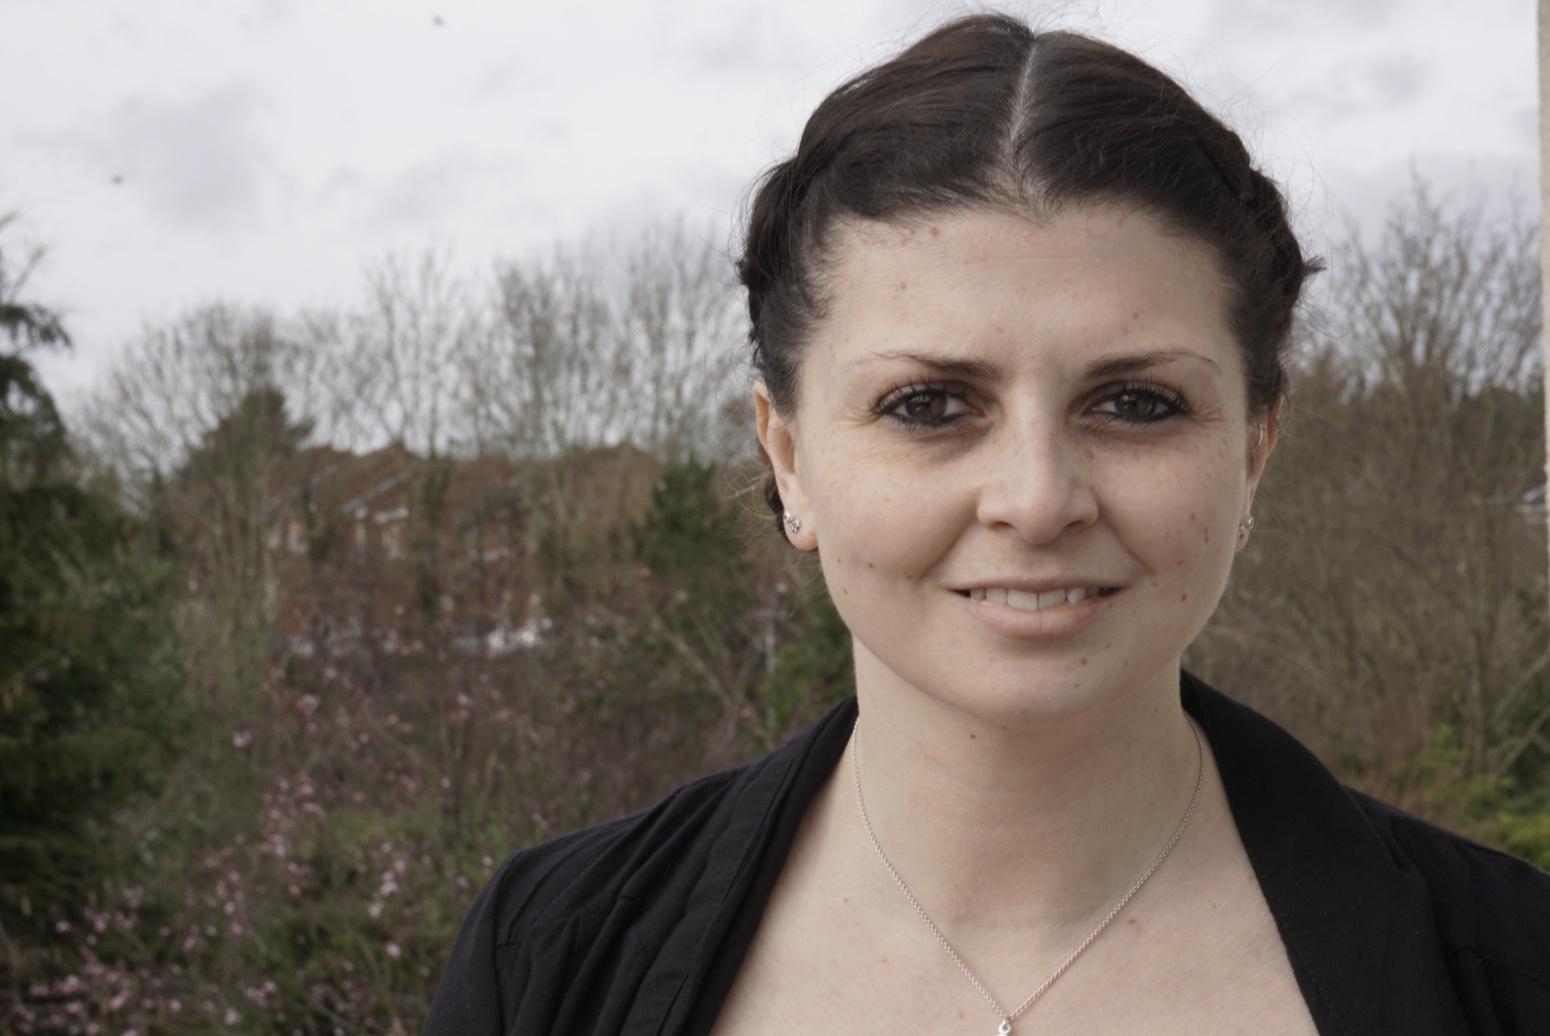 Melanie Kate